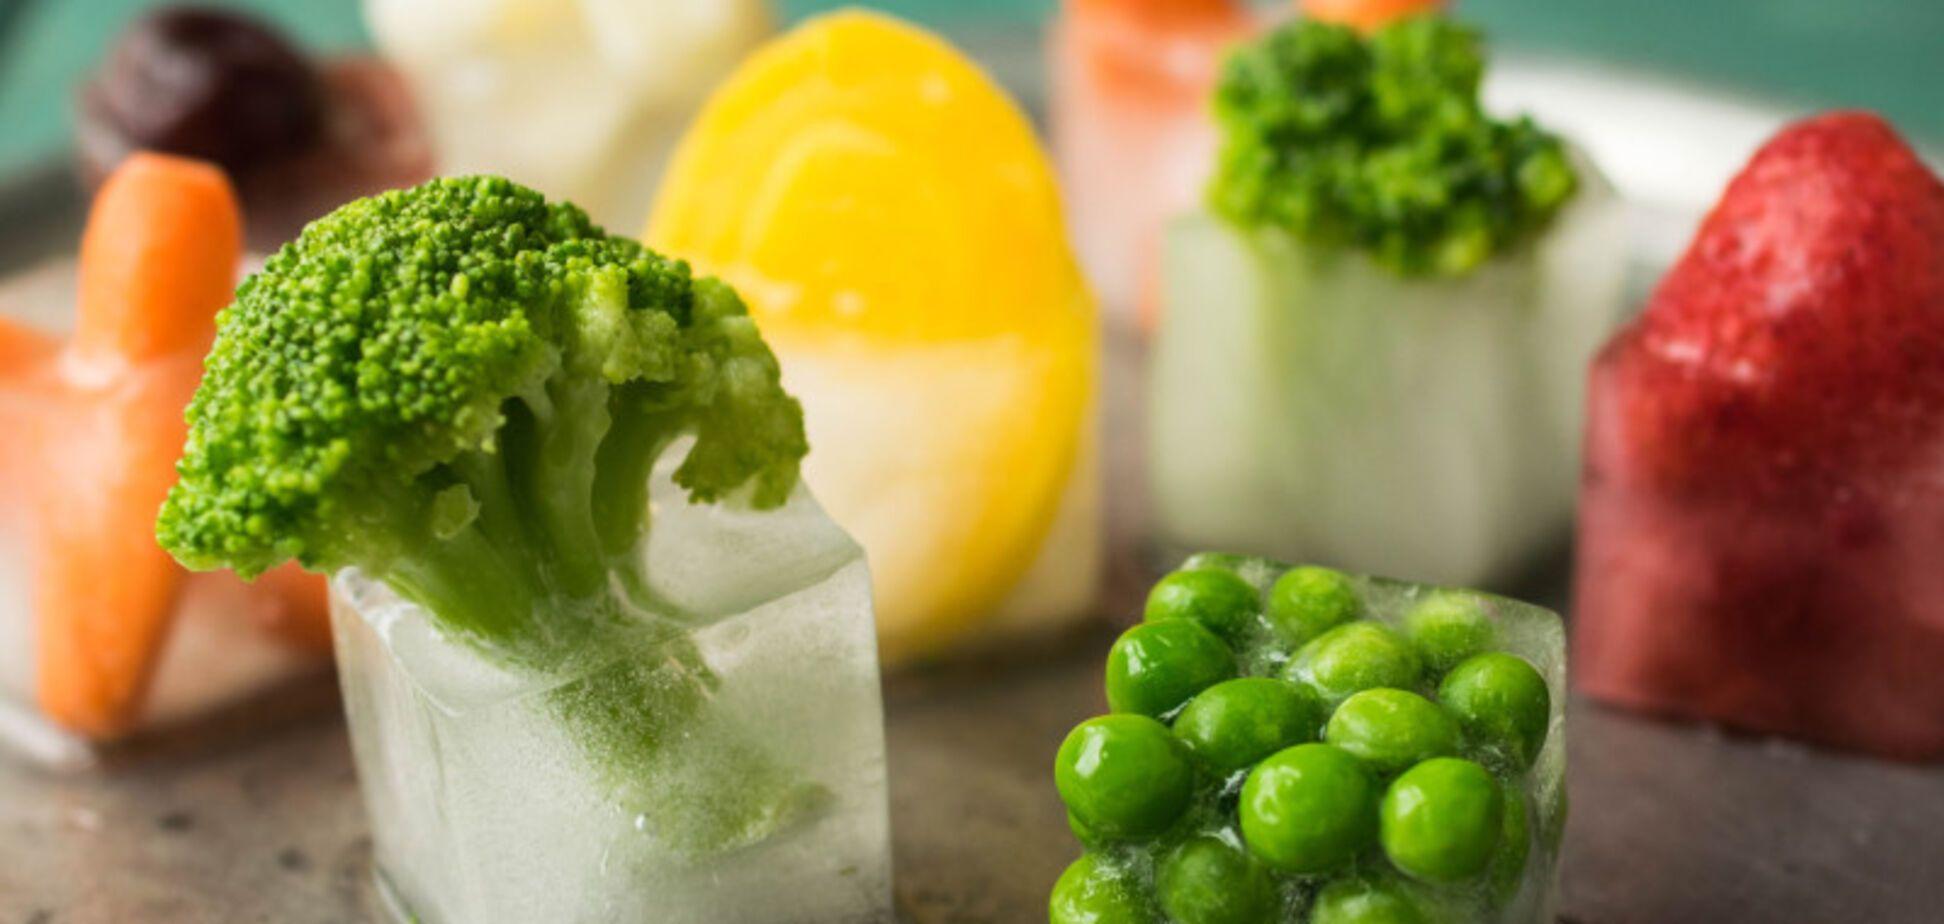 Проти раку і діабету: медики розповіли про заморожений фрукт, який творить чудеса